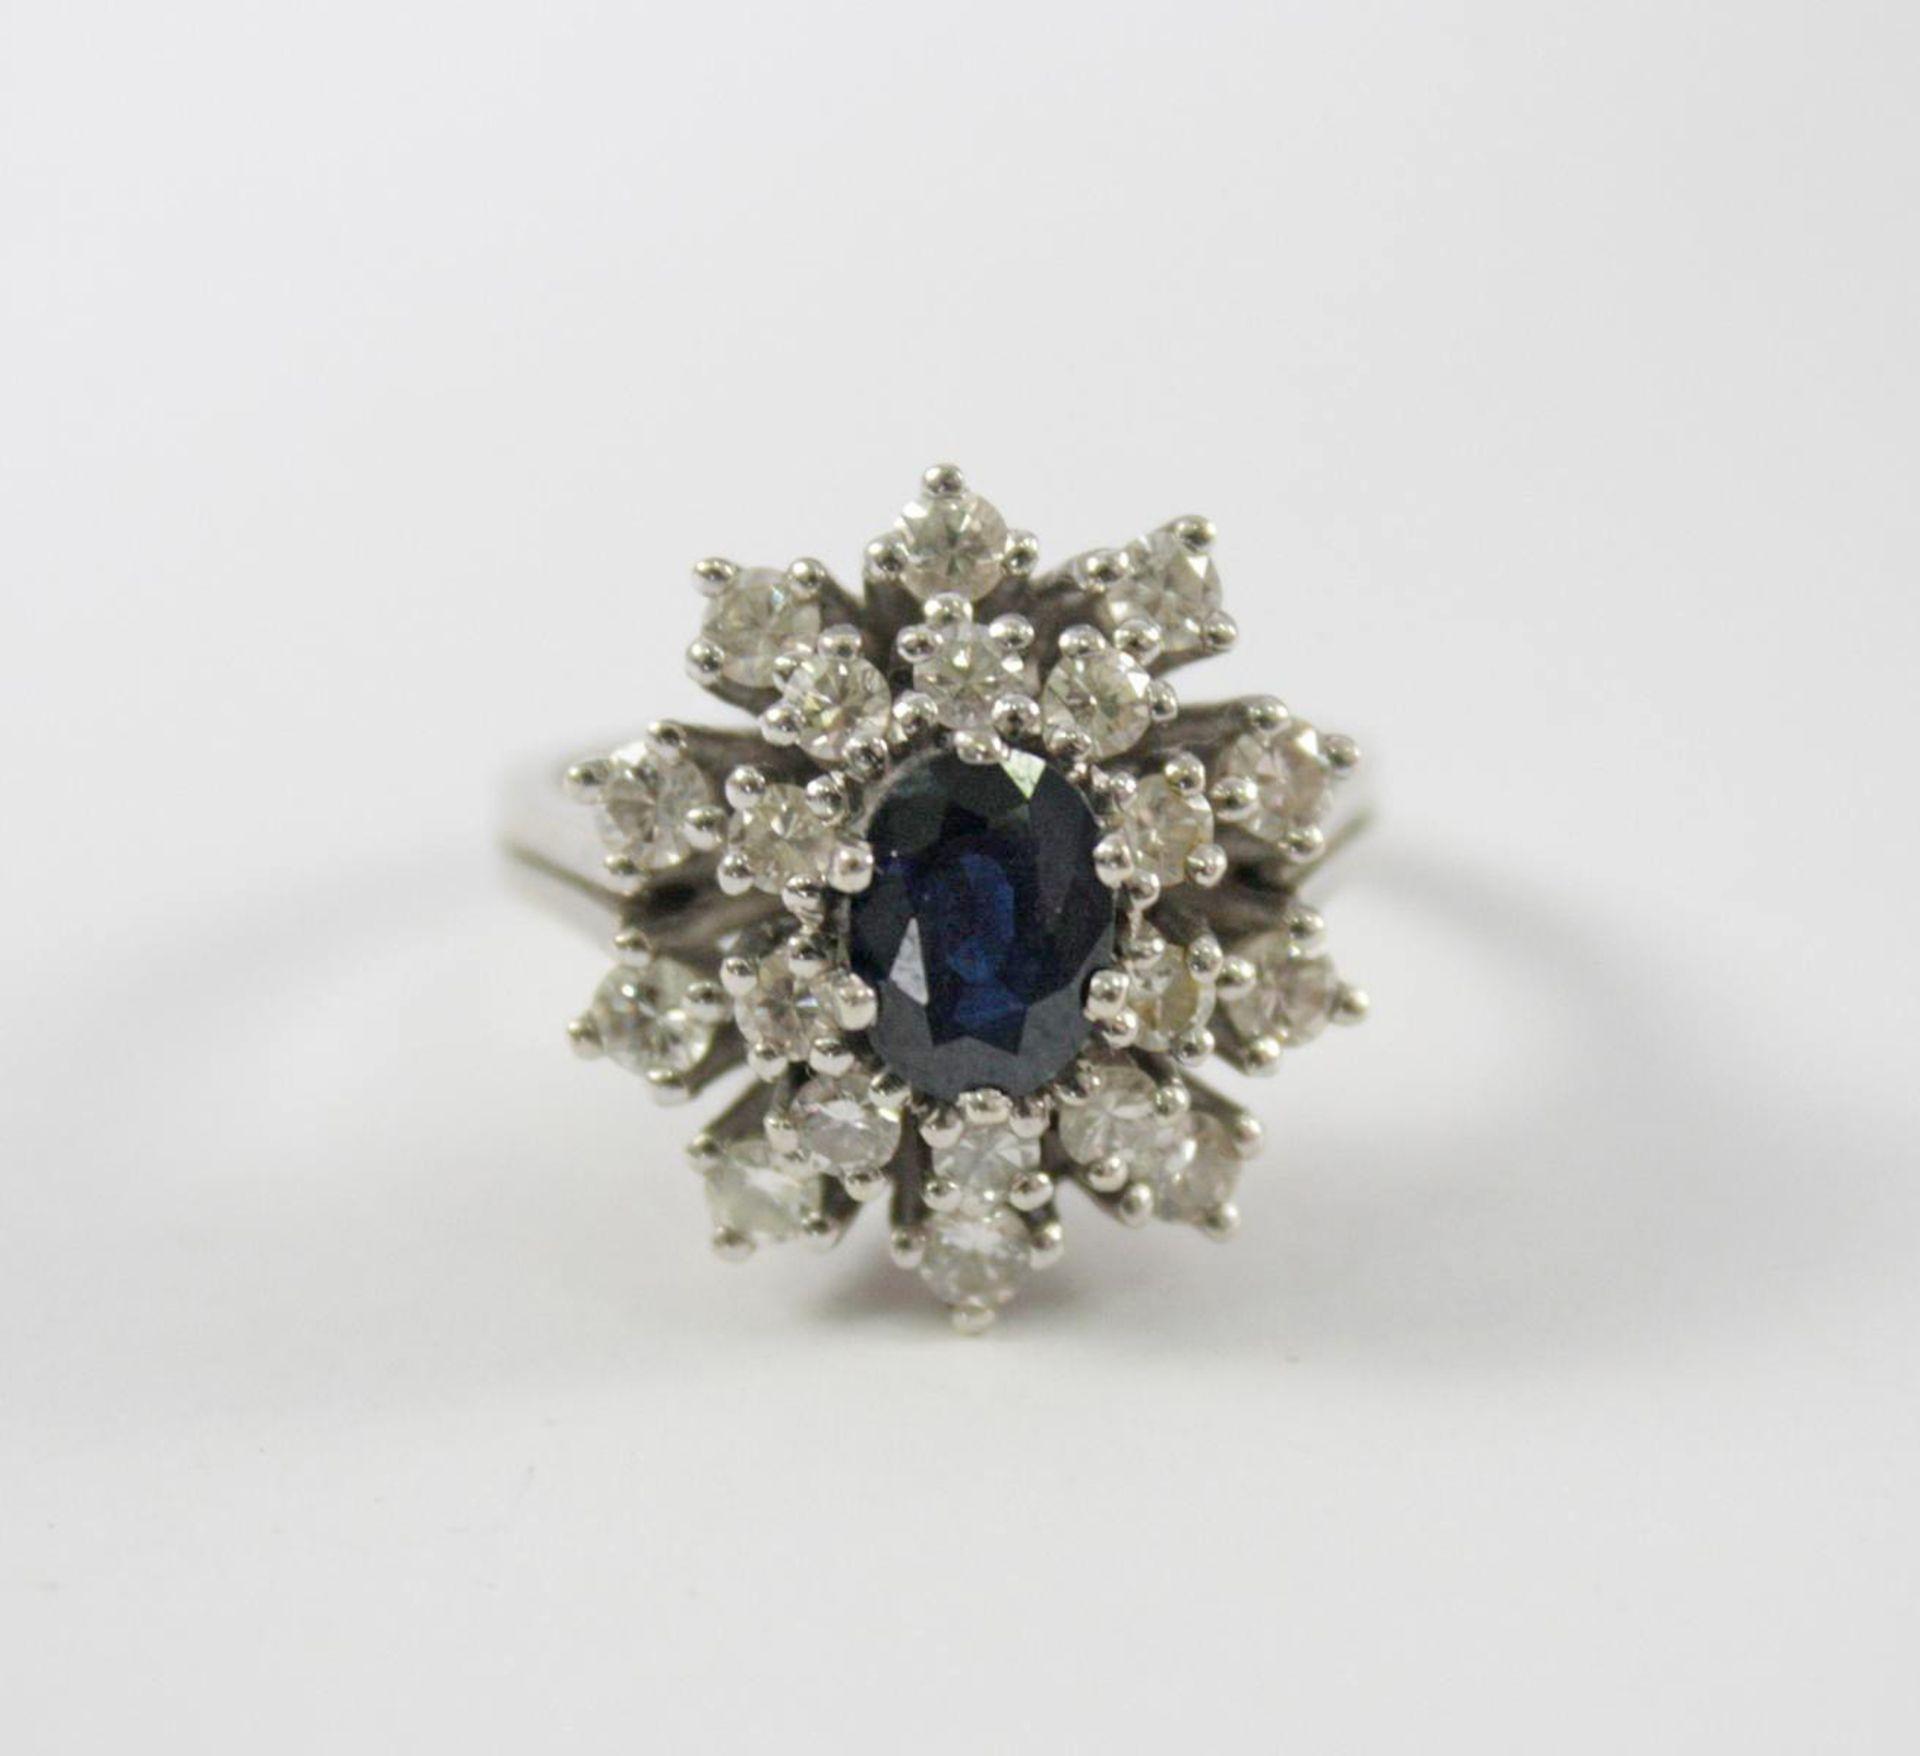 Damenring mit Diamanten und Saphir, 14 Karat Weißgold